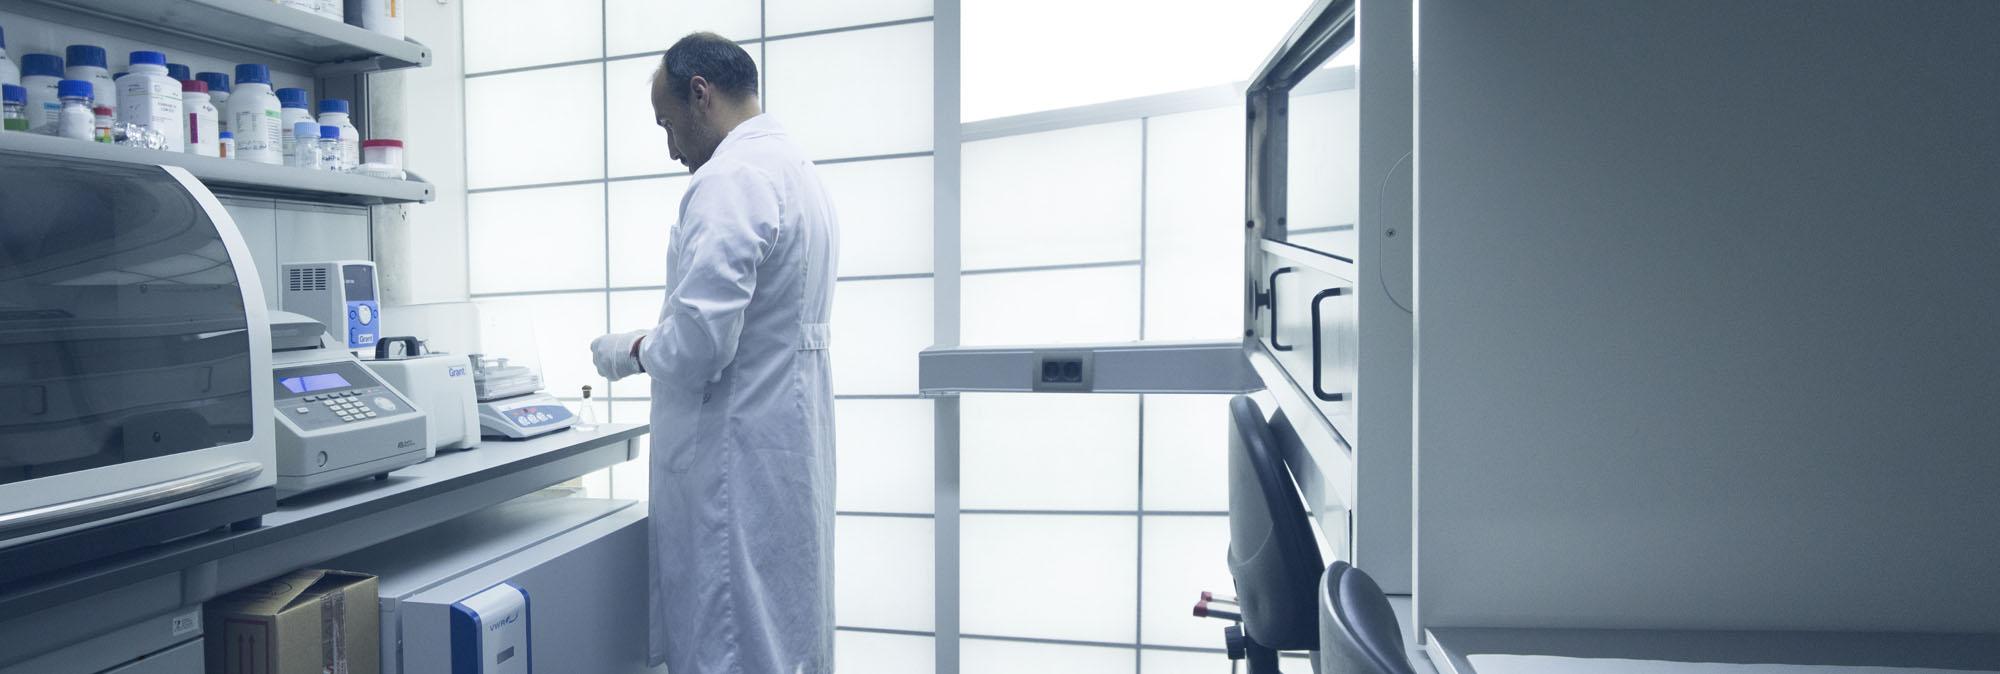 servicios científicos - Laboratorios